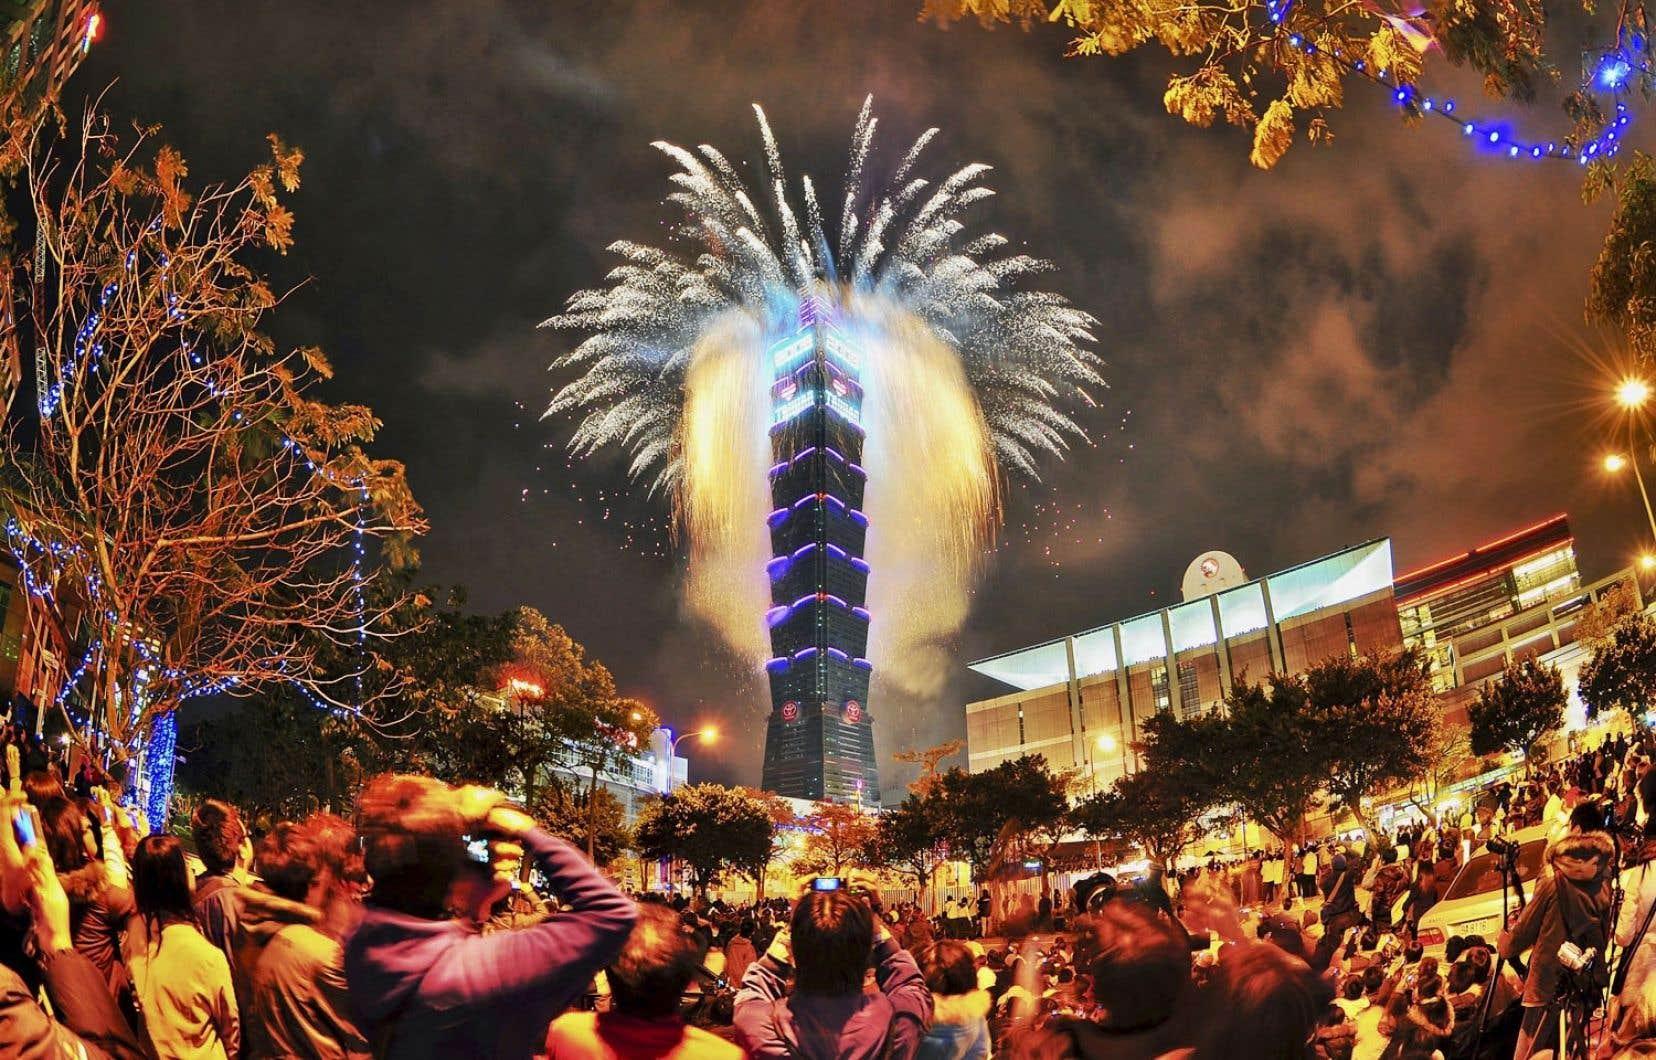 Le gratte-ciel iconique Taipei 101 accueille le Nouvel An avec un spectacle pyrotechnique.